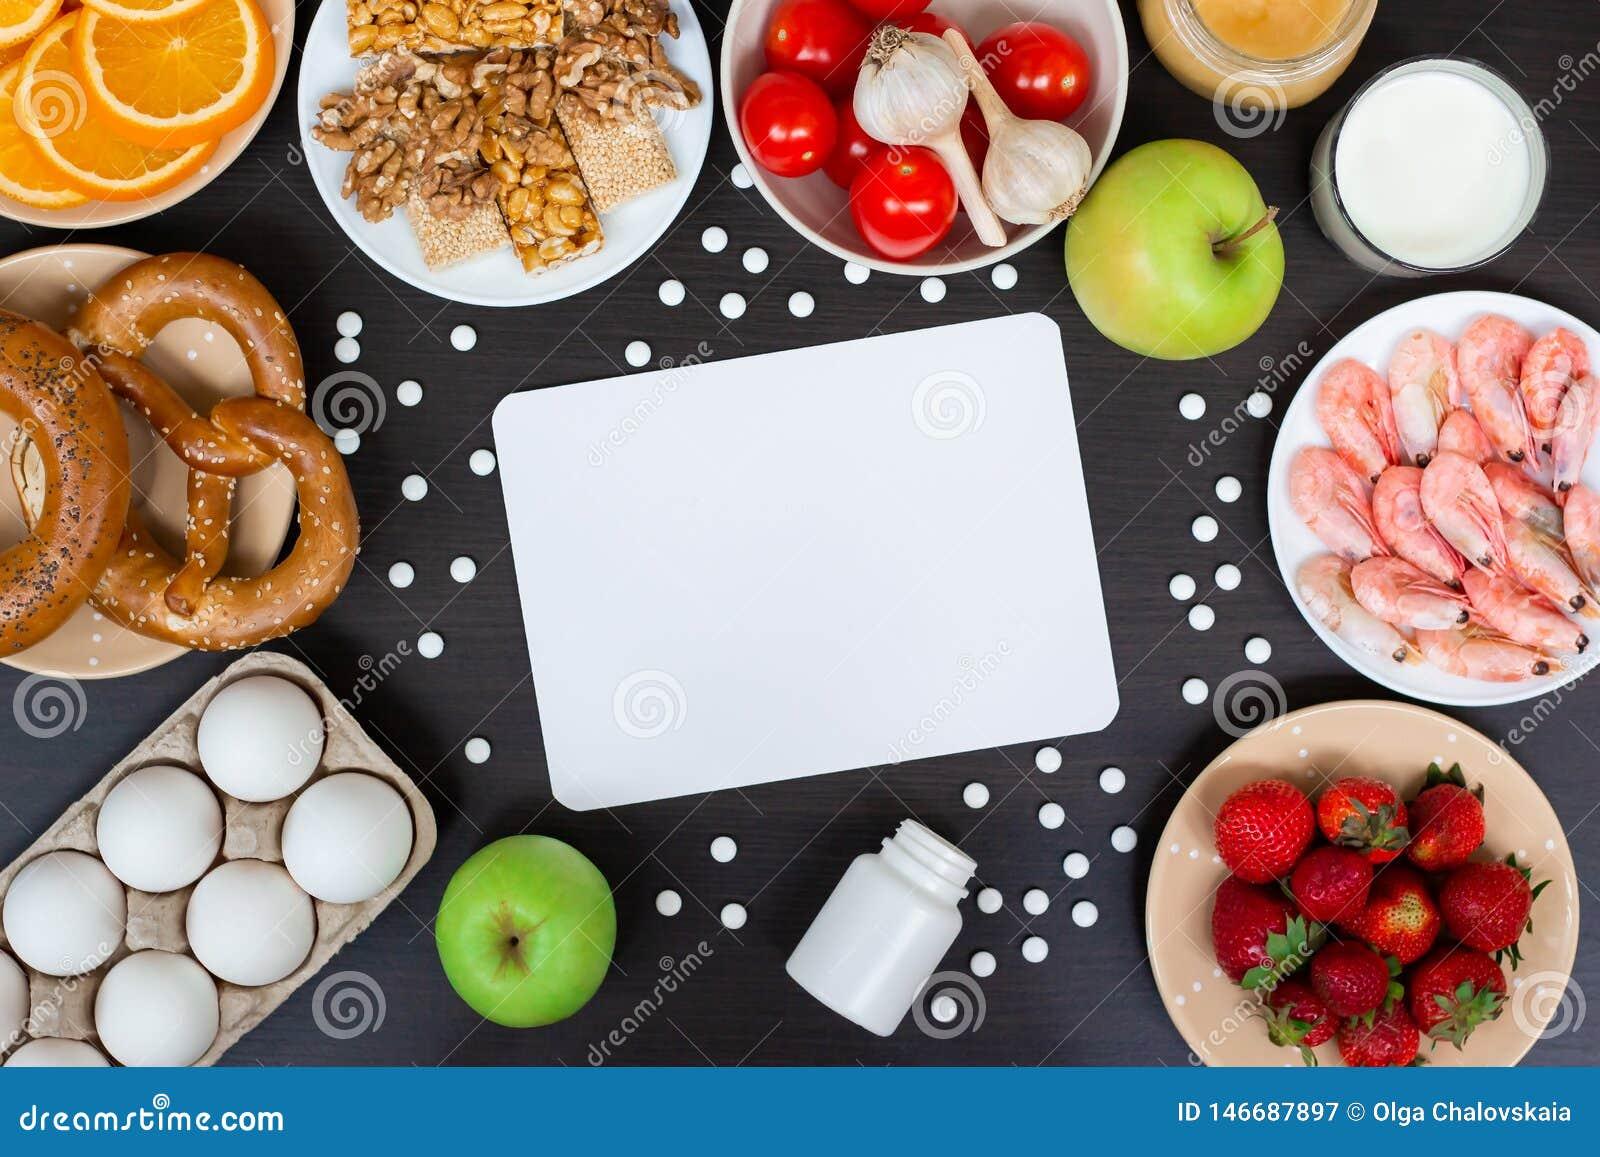 Σύνολο αλλεργικών προϊόντων ως γάλα, πορτοκάλια, ντομάτες, σκόρδο, γαρίδες, φυστίκια, αυγά, μήλα, ψωμί, φράουλες